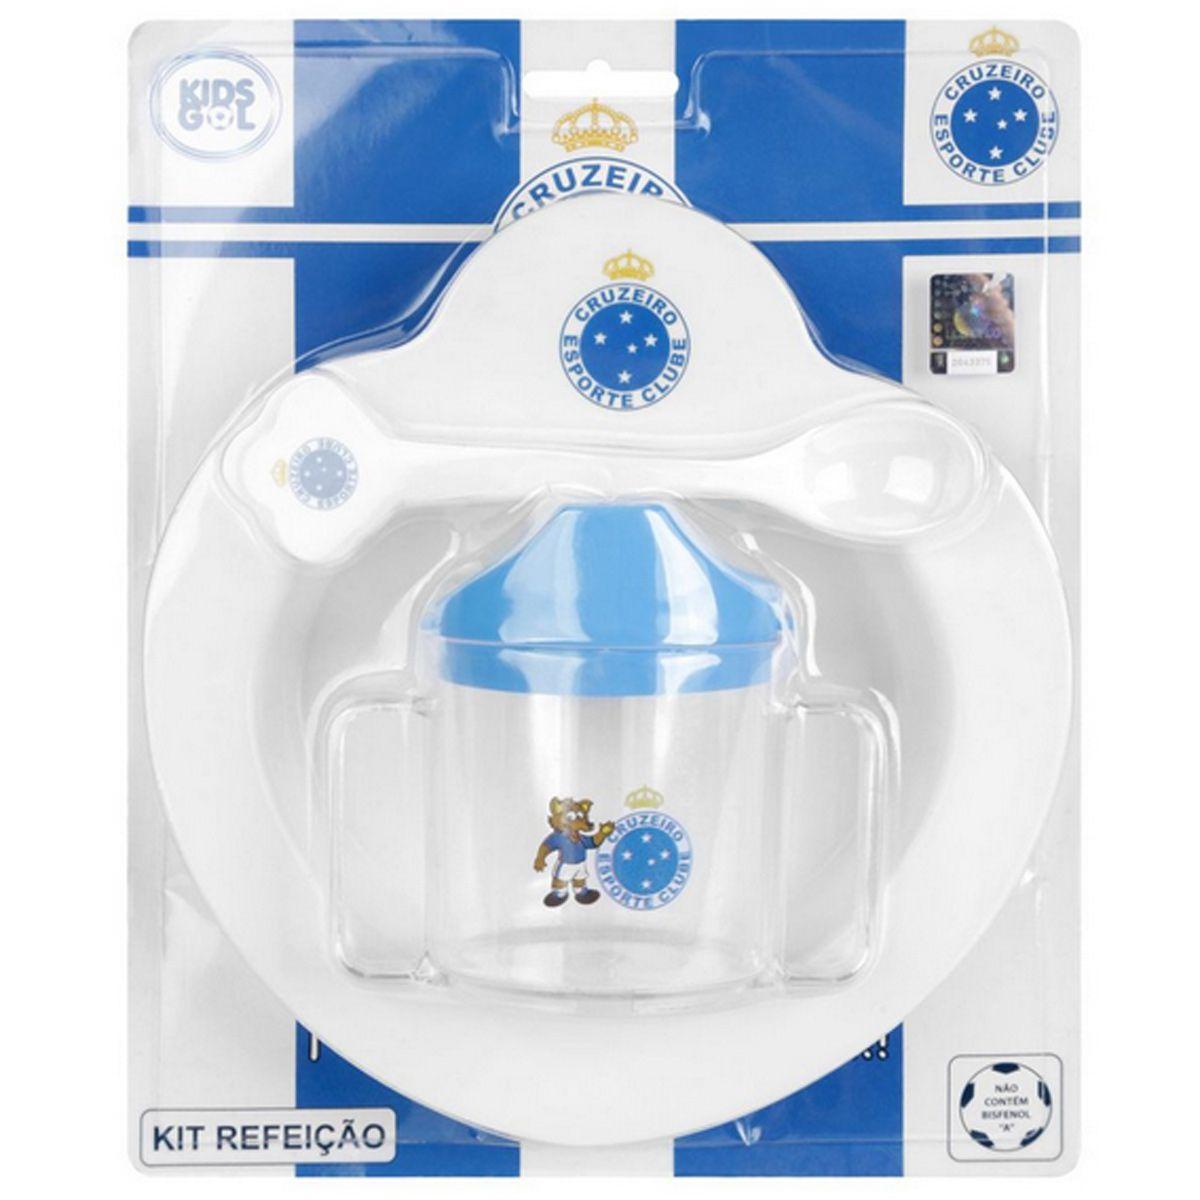 Kit Refeição Bebê do Cruzeiro